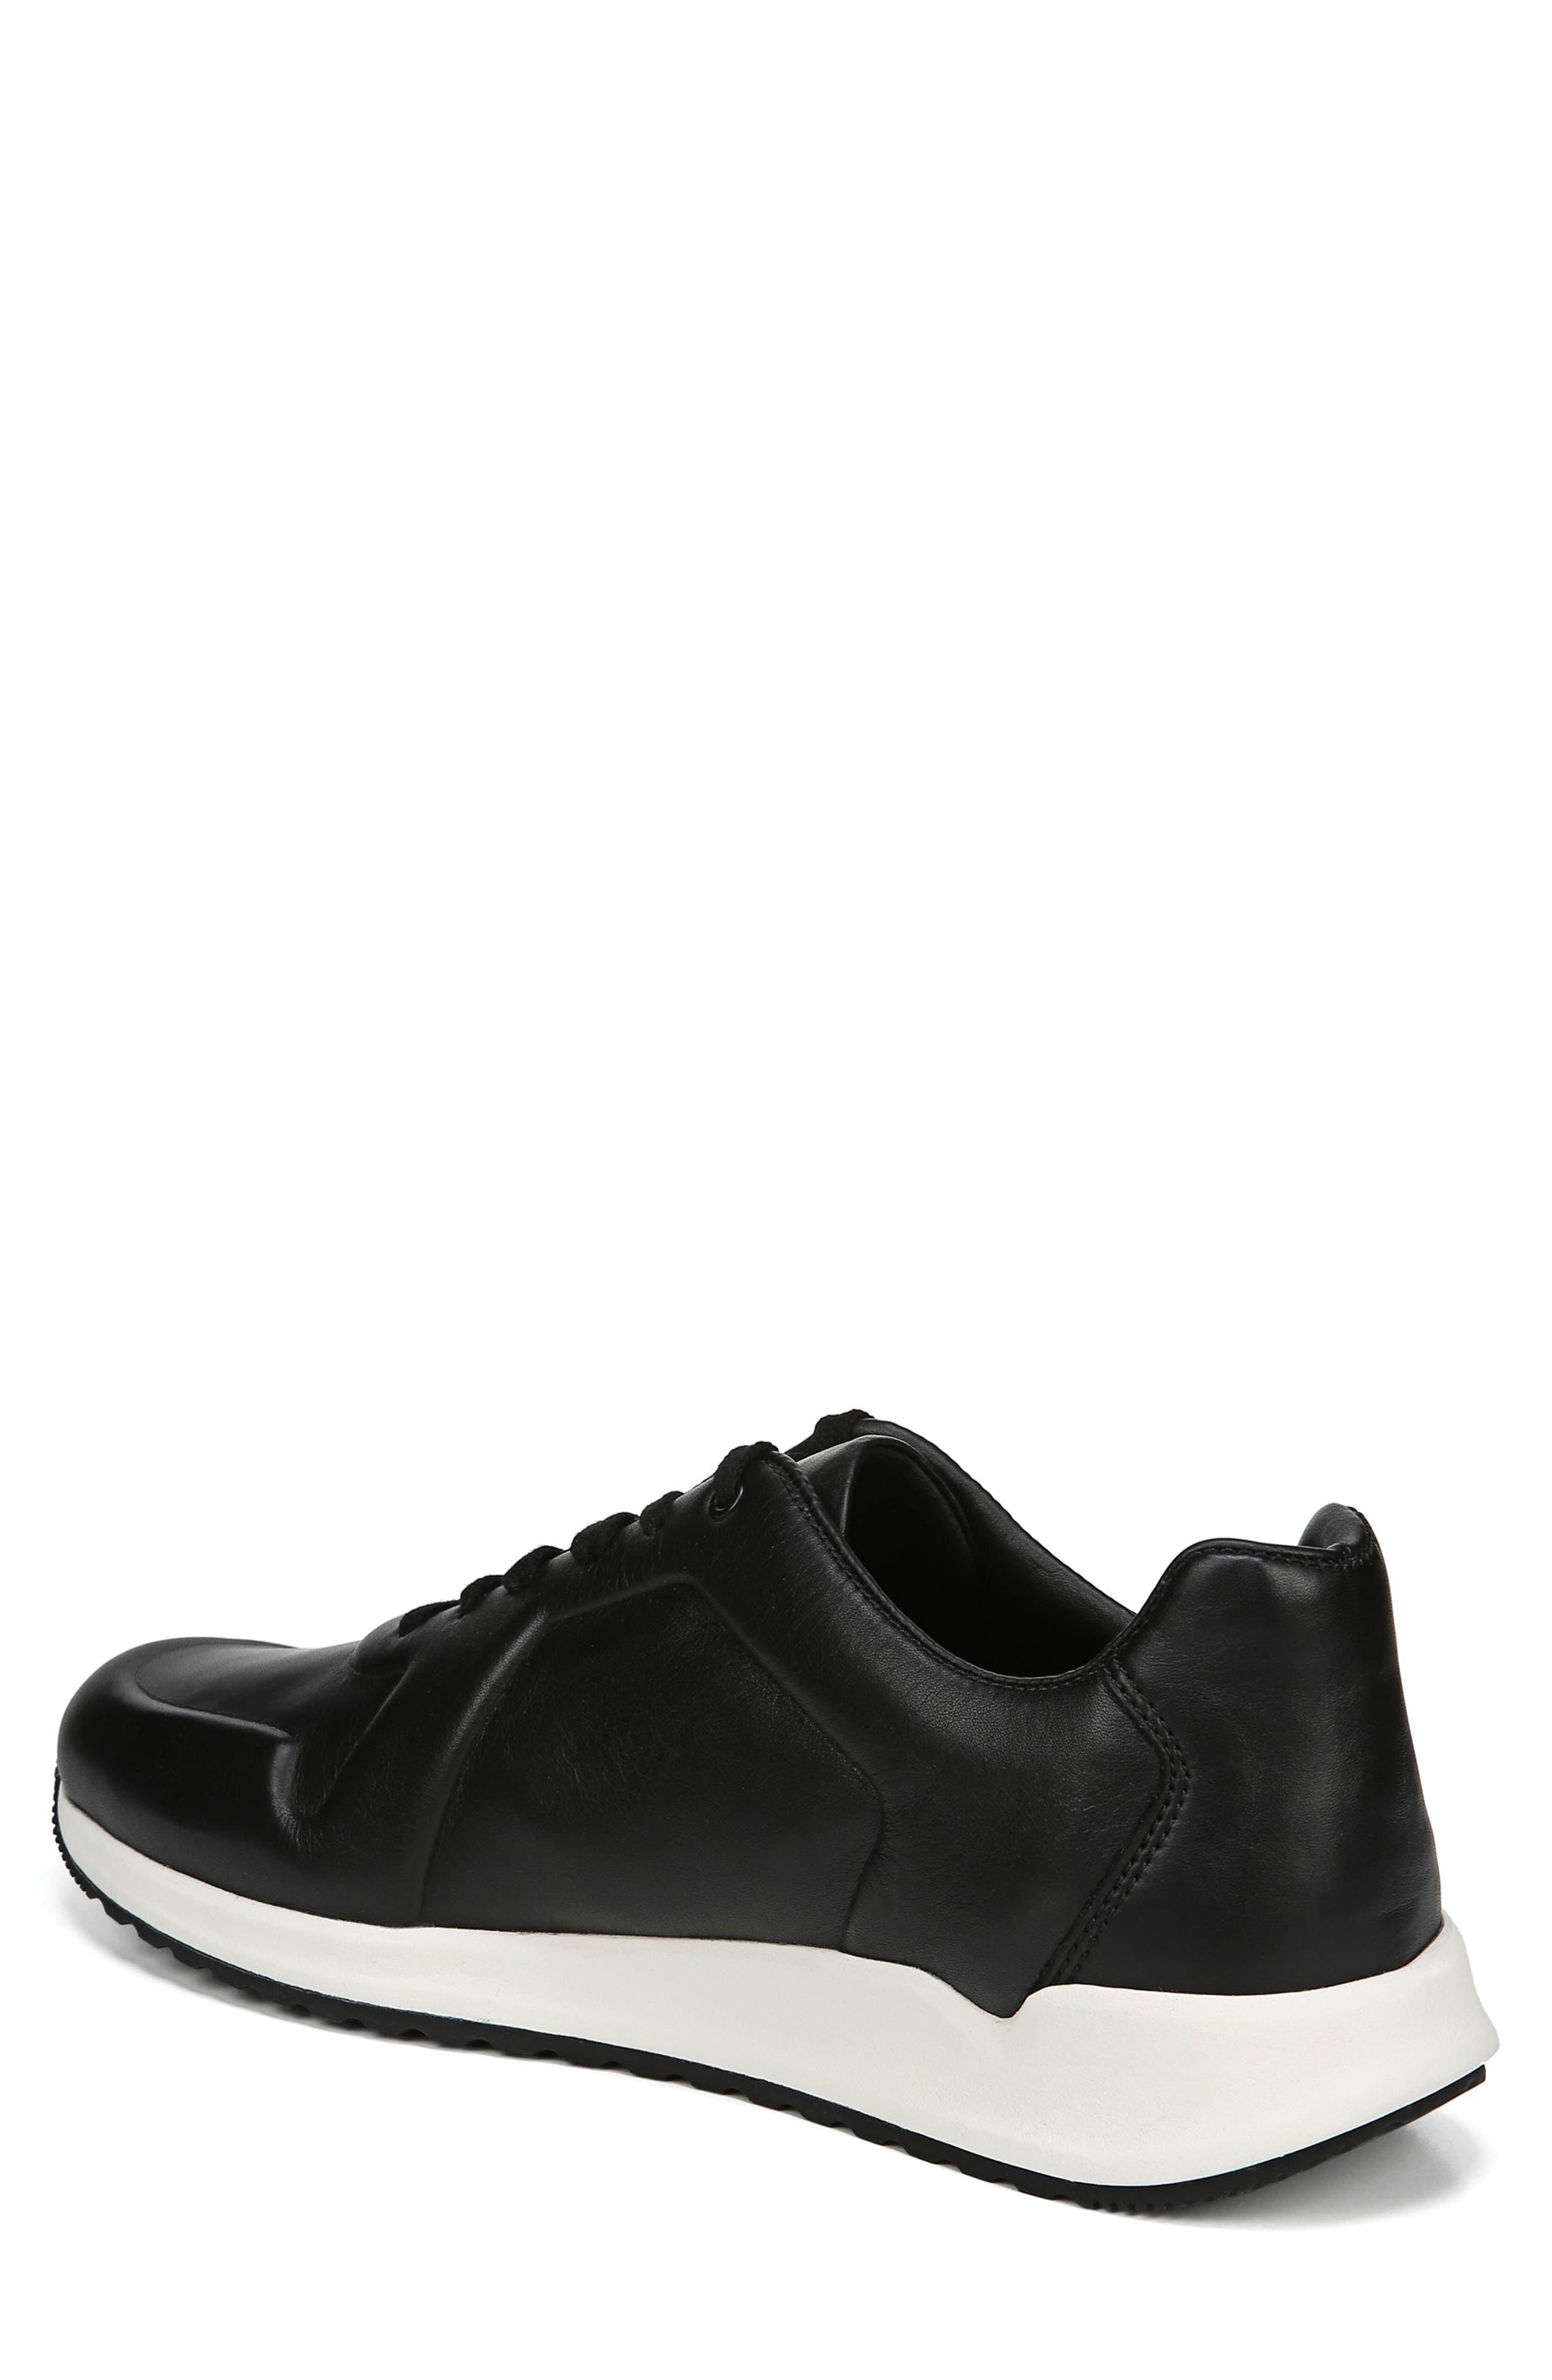 Garrett Sneaker,                             Alternate thumbnail 2, color,                             BLACK/ BLACK